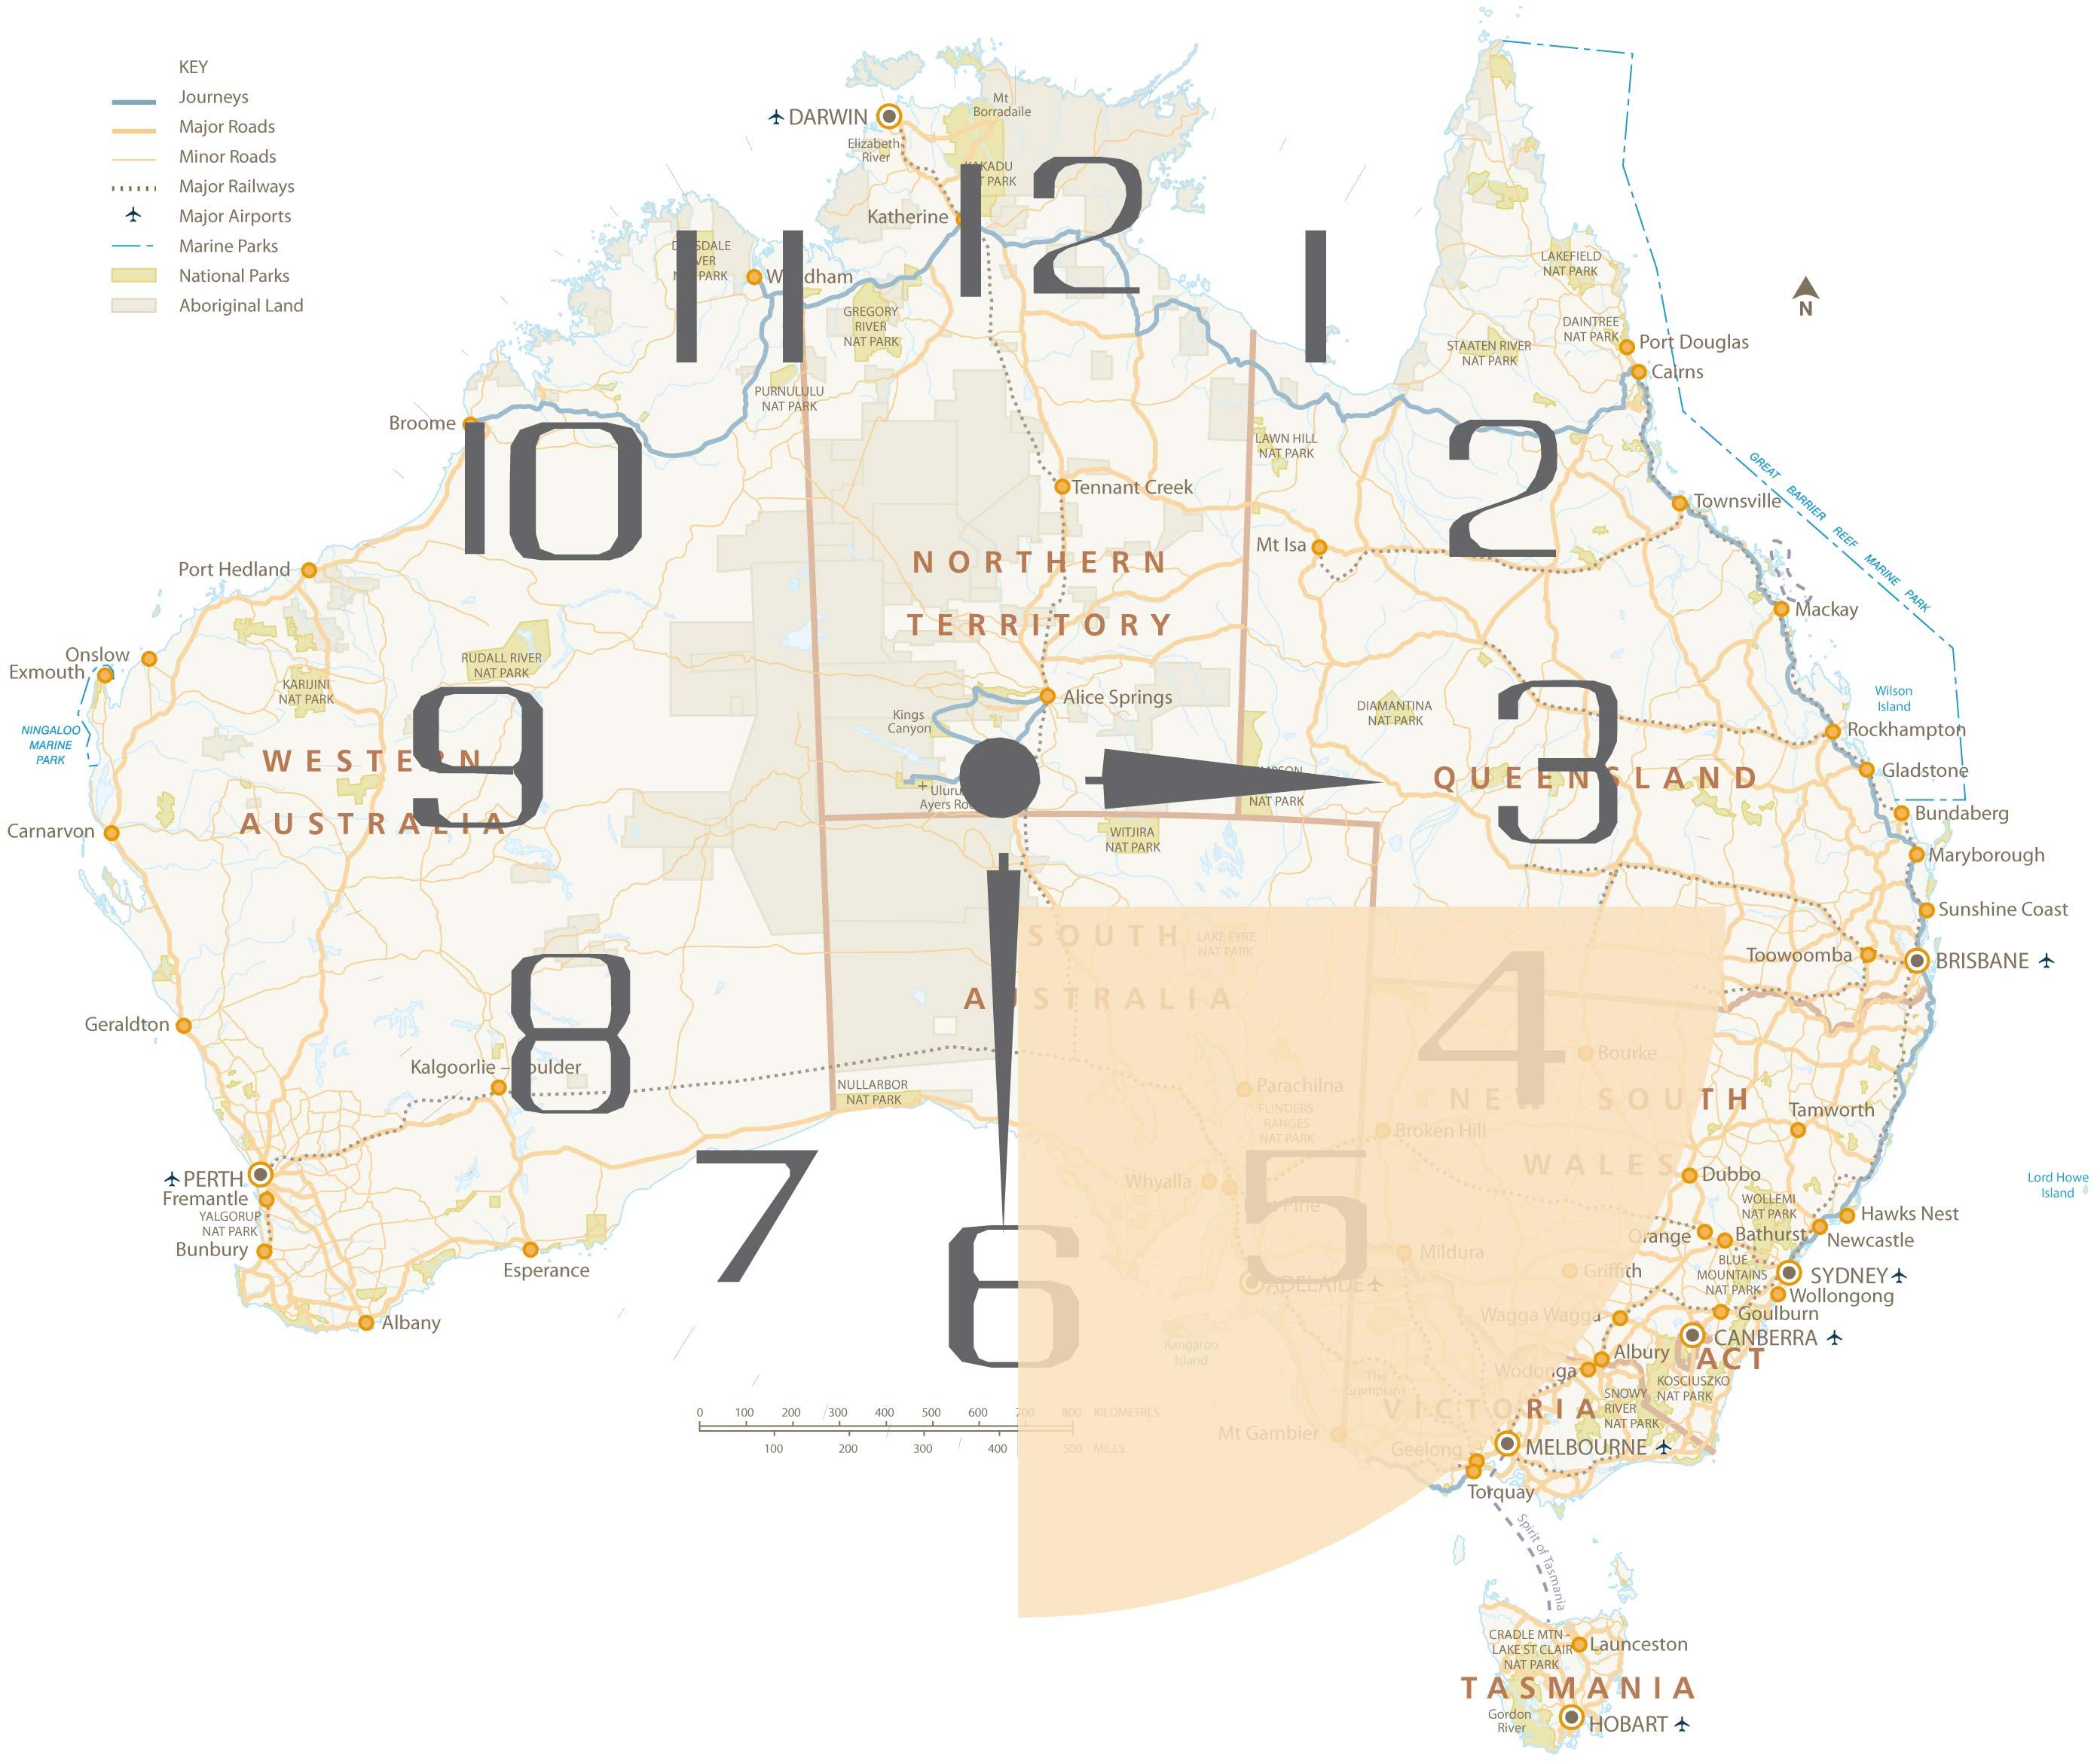 Über Sydney bis Melbourne und Adelaide